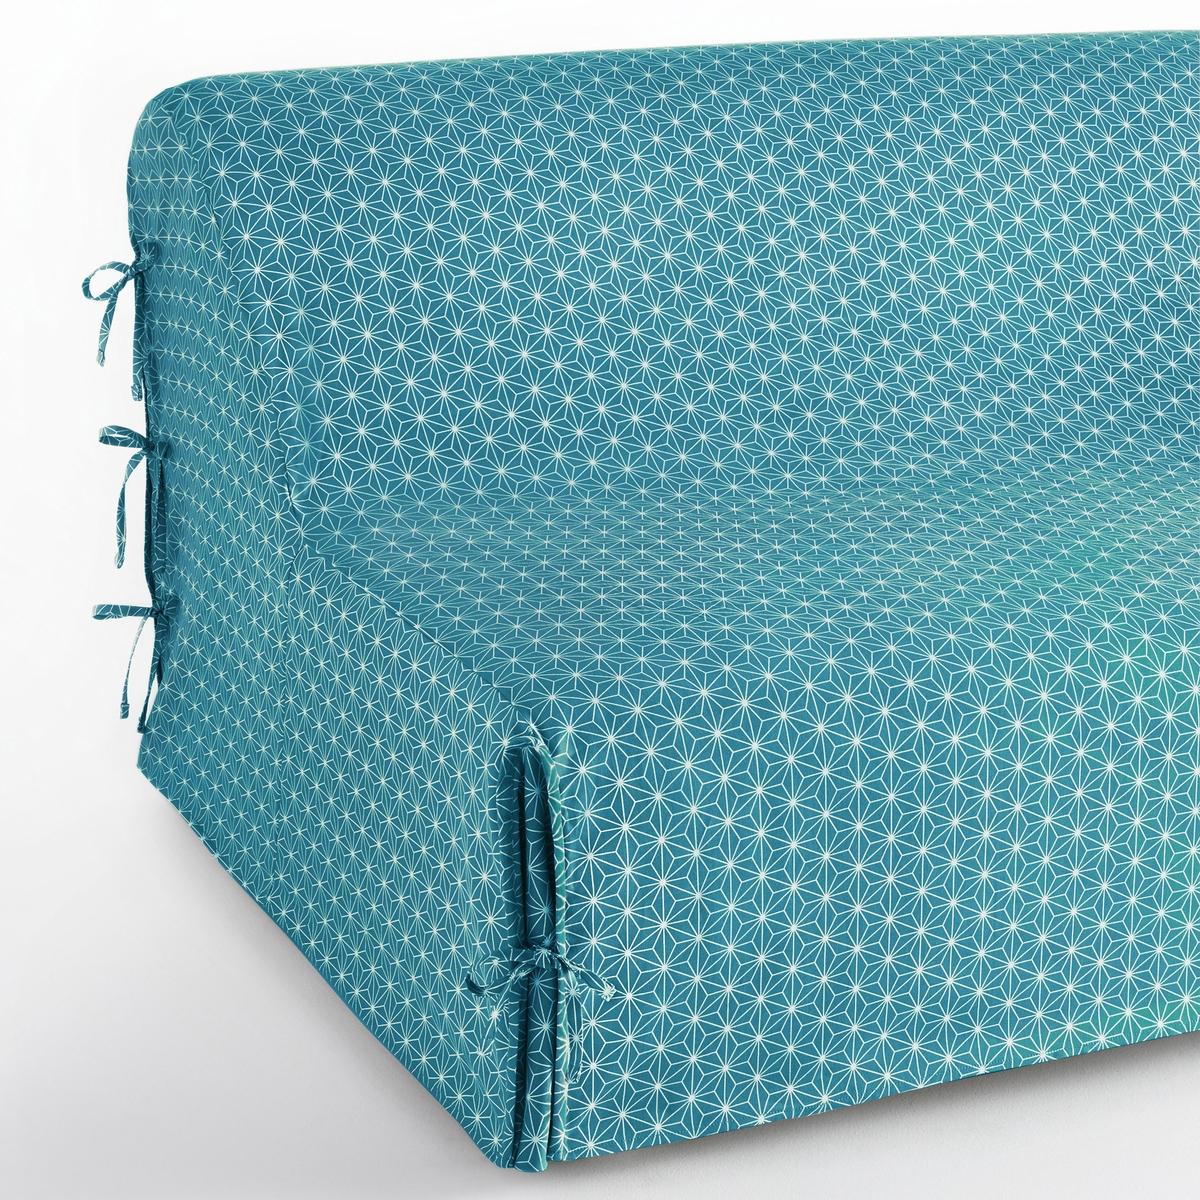 Чехол на раскладной диван с рисунком, LozangeХарактеристики чехла :Материал : брезентовая ткань, 100% хлопок Отделка : крепление на узелкиУход : Машинная стирка при 40 °С. Водоотталкивающая пропитка и против пятен. Размеры чехла :Имеется в 2 размерах по ширине : 140 и 160 см.Уход :Следуйте рекомендациям по уходу, указанным на этикетке изделия. Знак Oeko-Tex® гарантирует, что товары прошли проверку и были изготовлены без применения вредных для здоровья человека веществ.<br><br>Цвет: желтый/ белый,серый/ белый,сине-зеленый/белый<br>Размер: 160 cm.140 cm